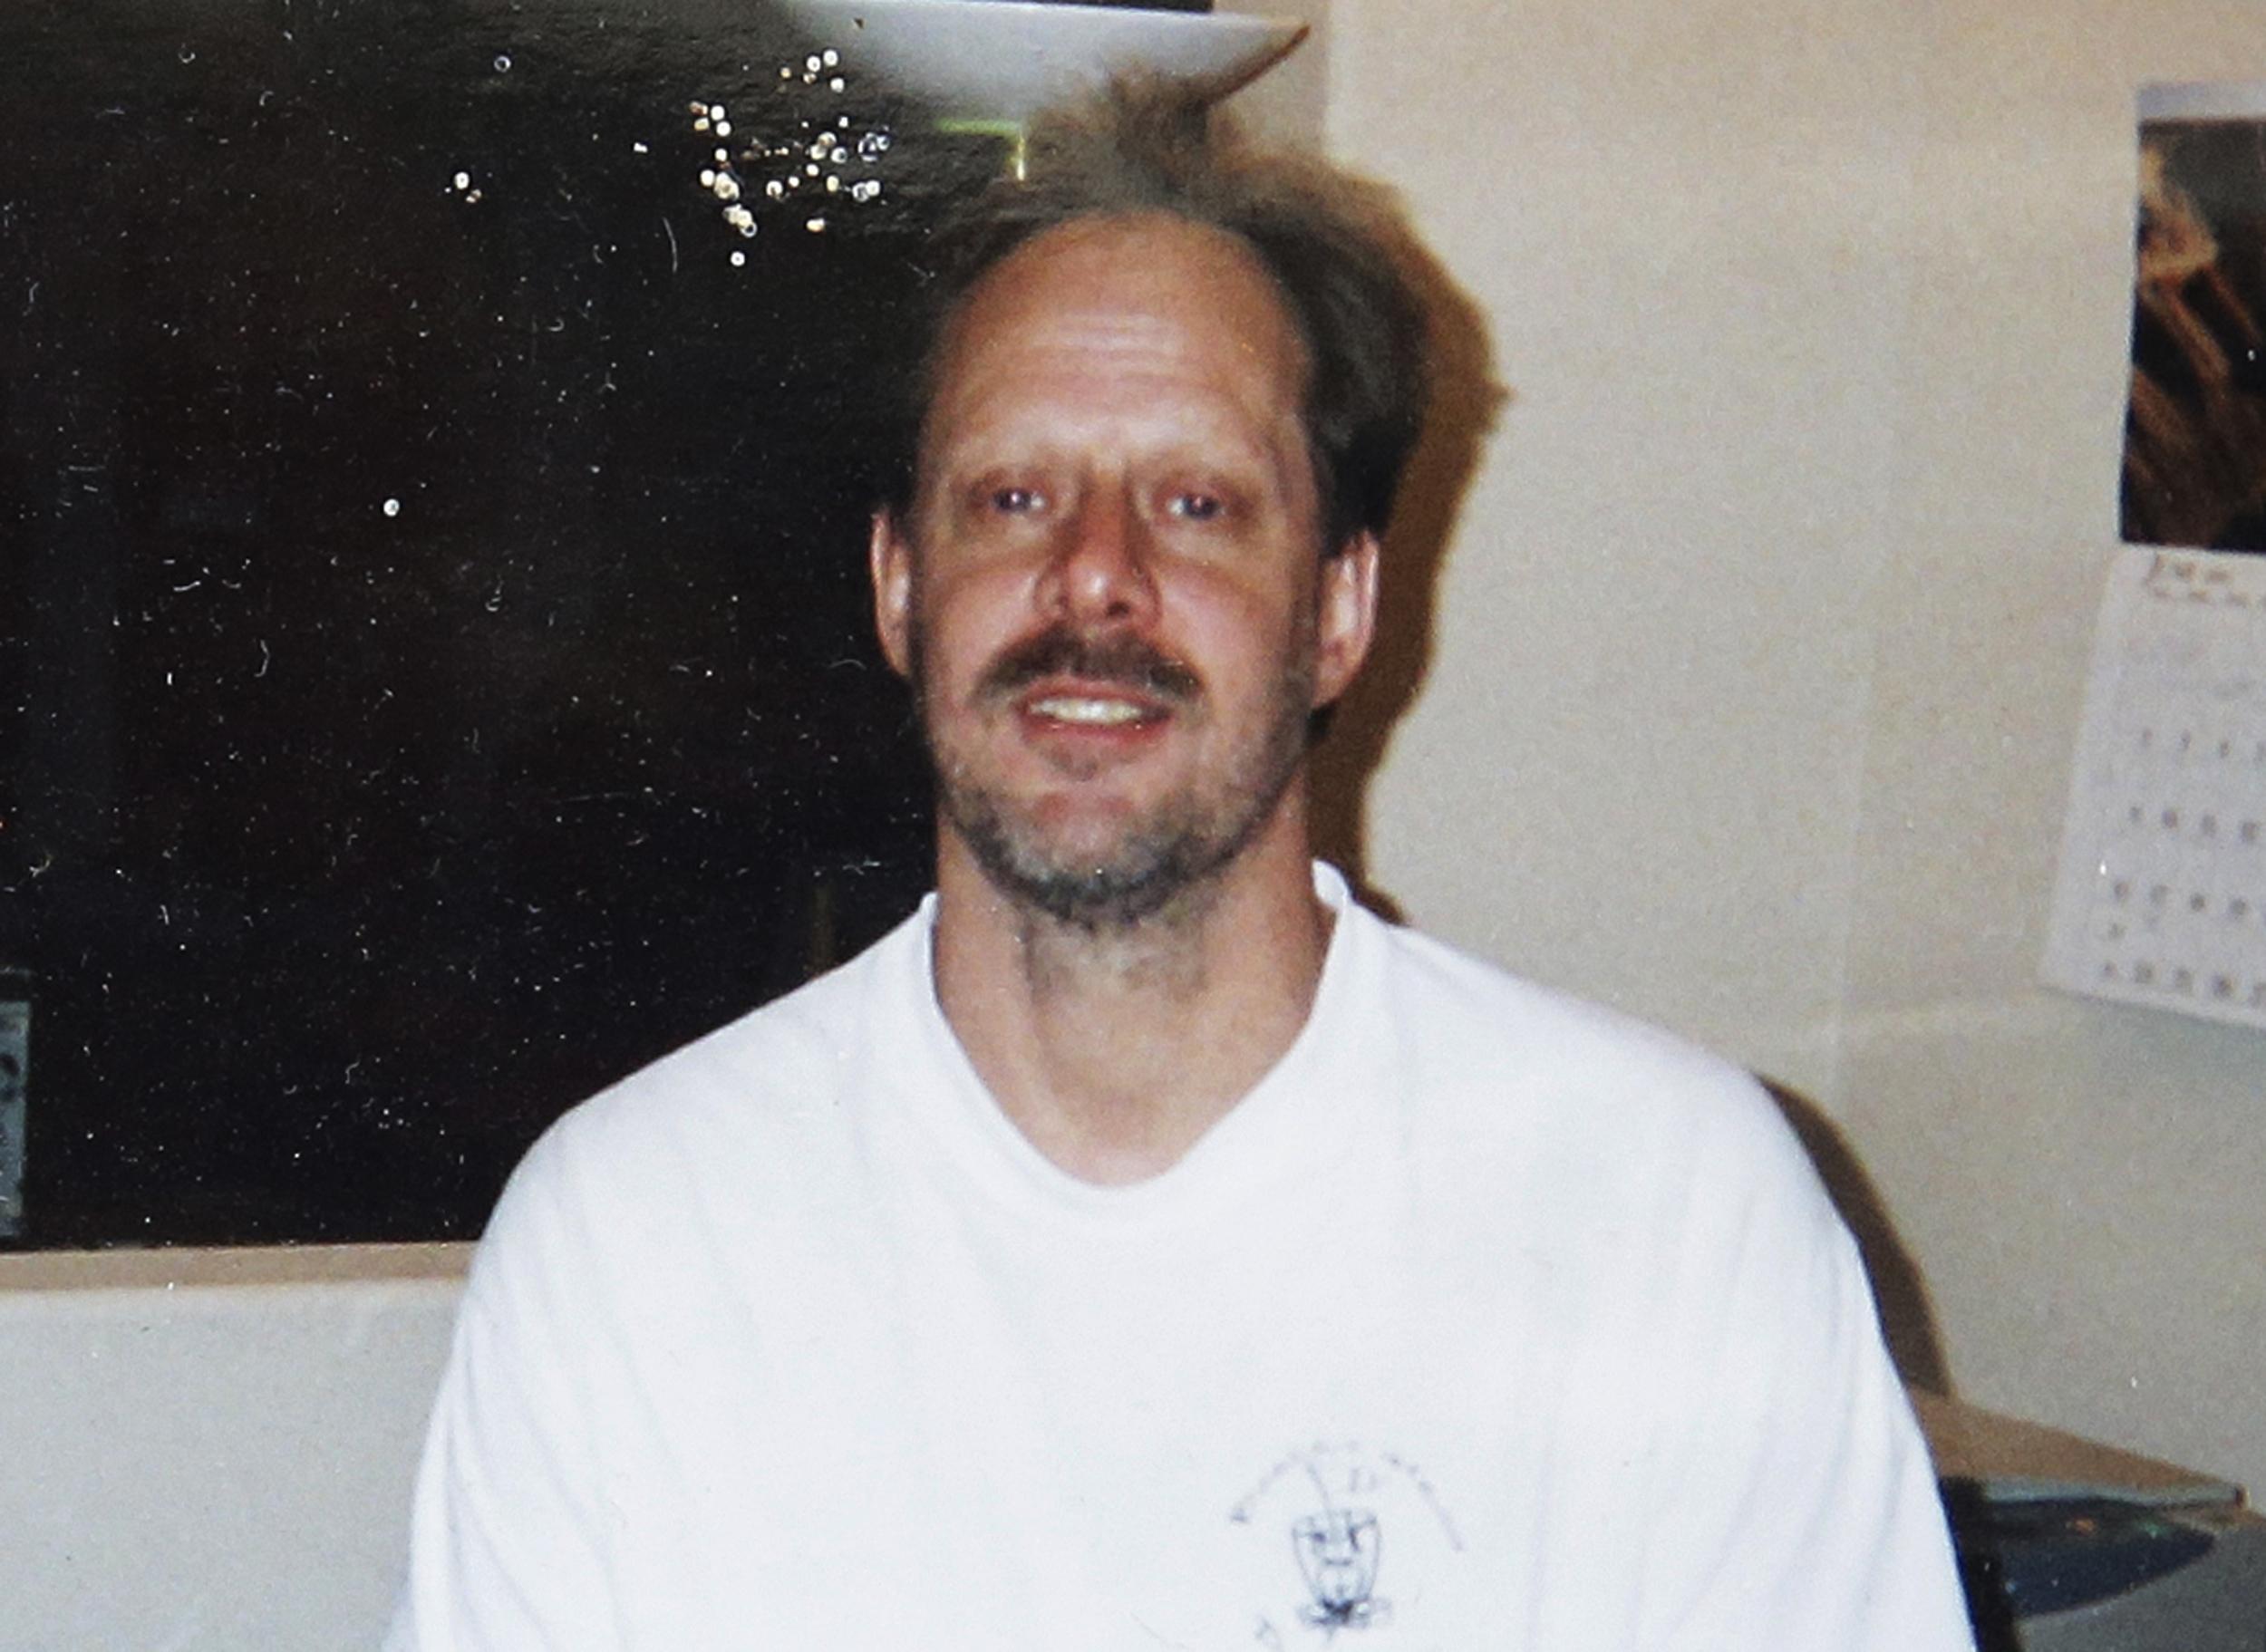 Chi è il killer di Las Vegas: Stephen Paddock, milionario e senza precedenti